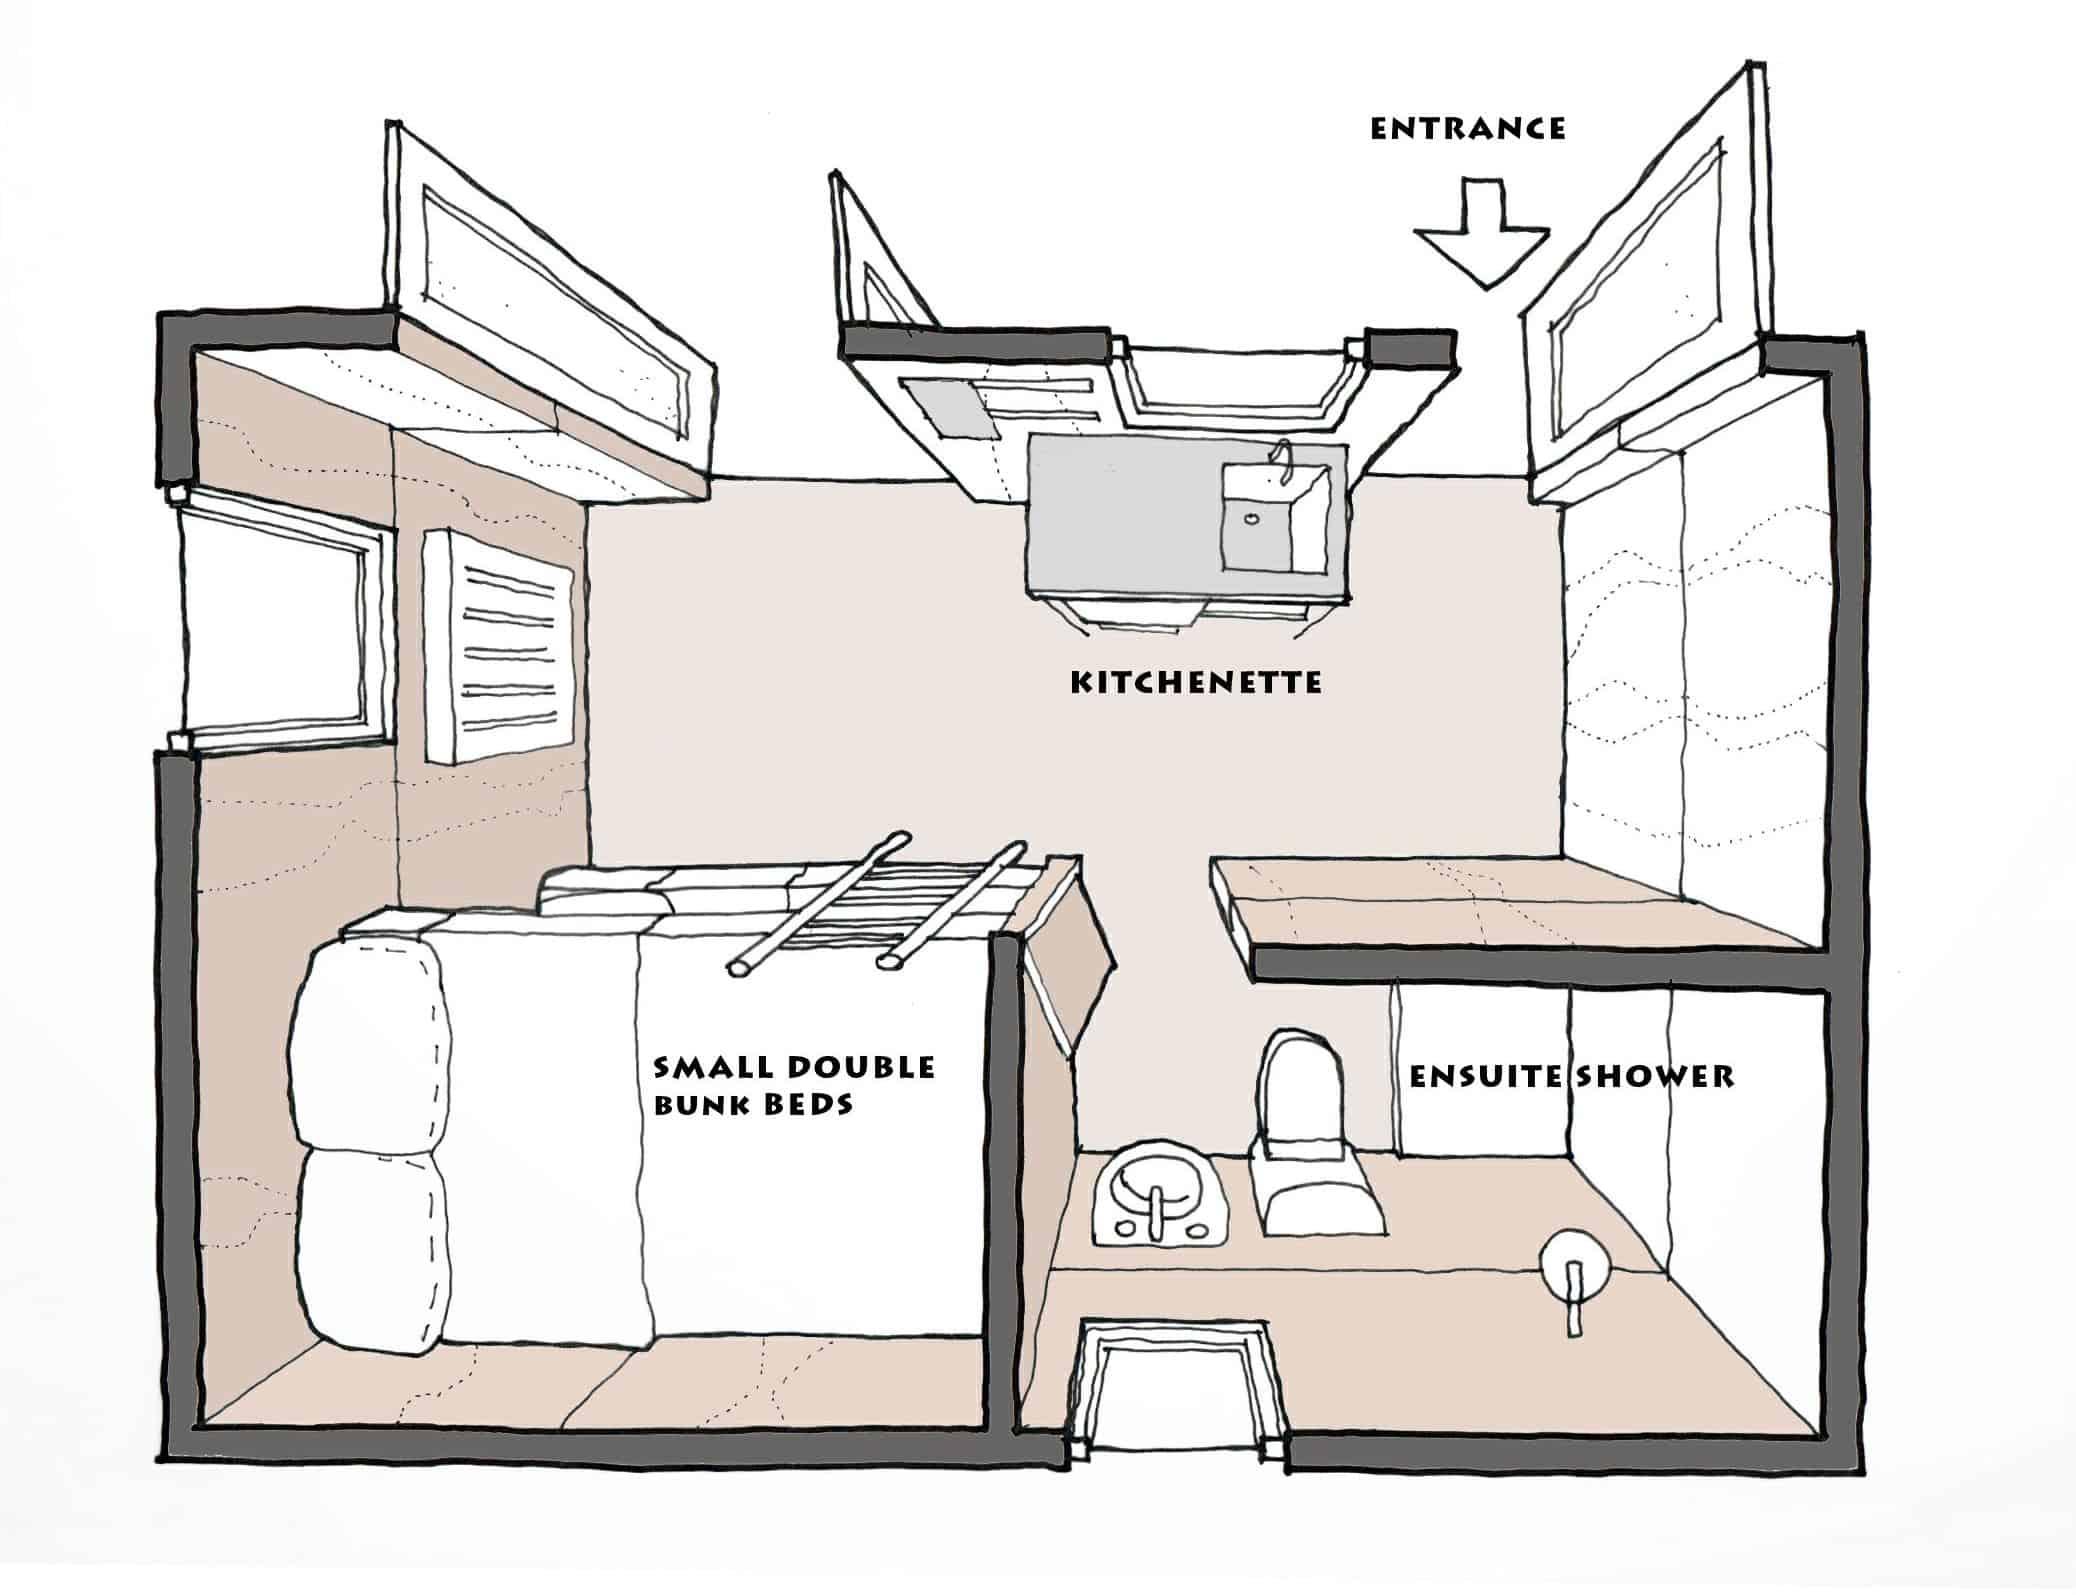 Ensuite cabin layout plan